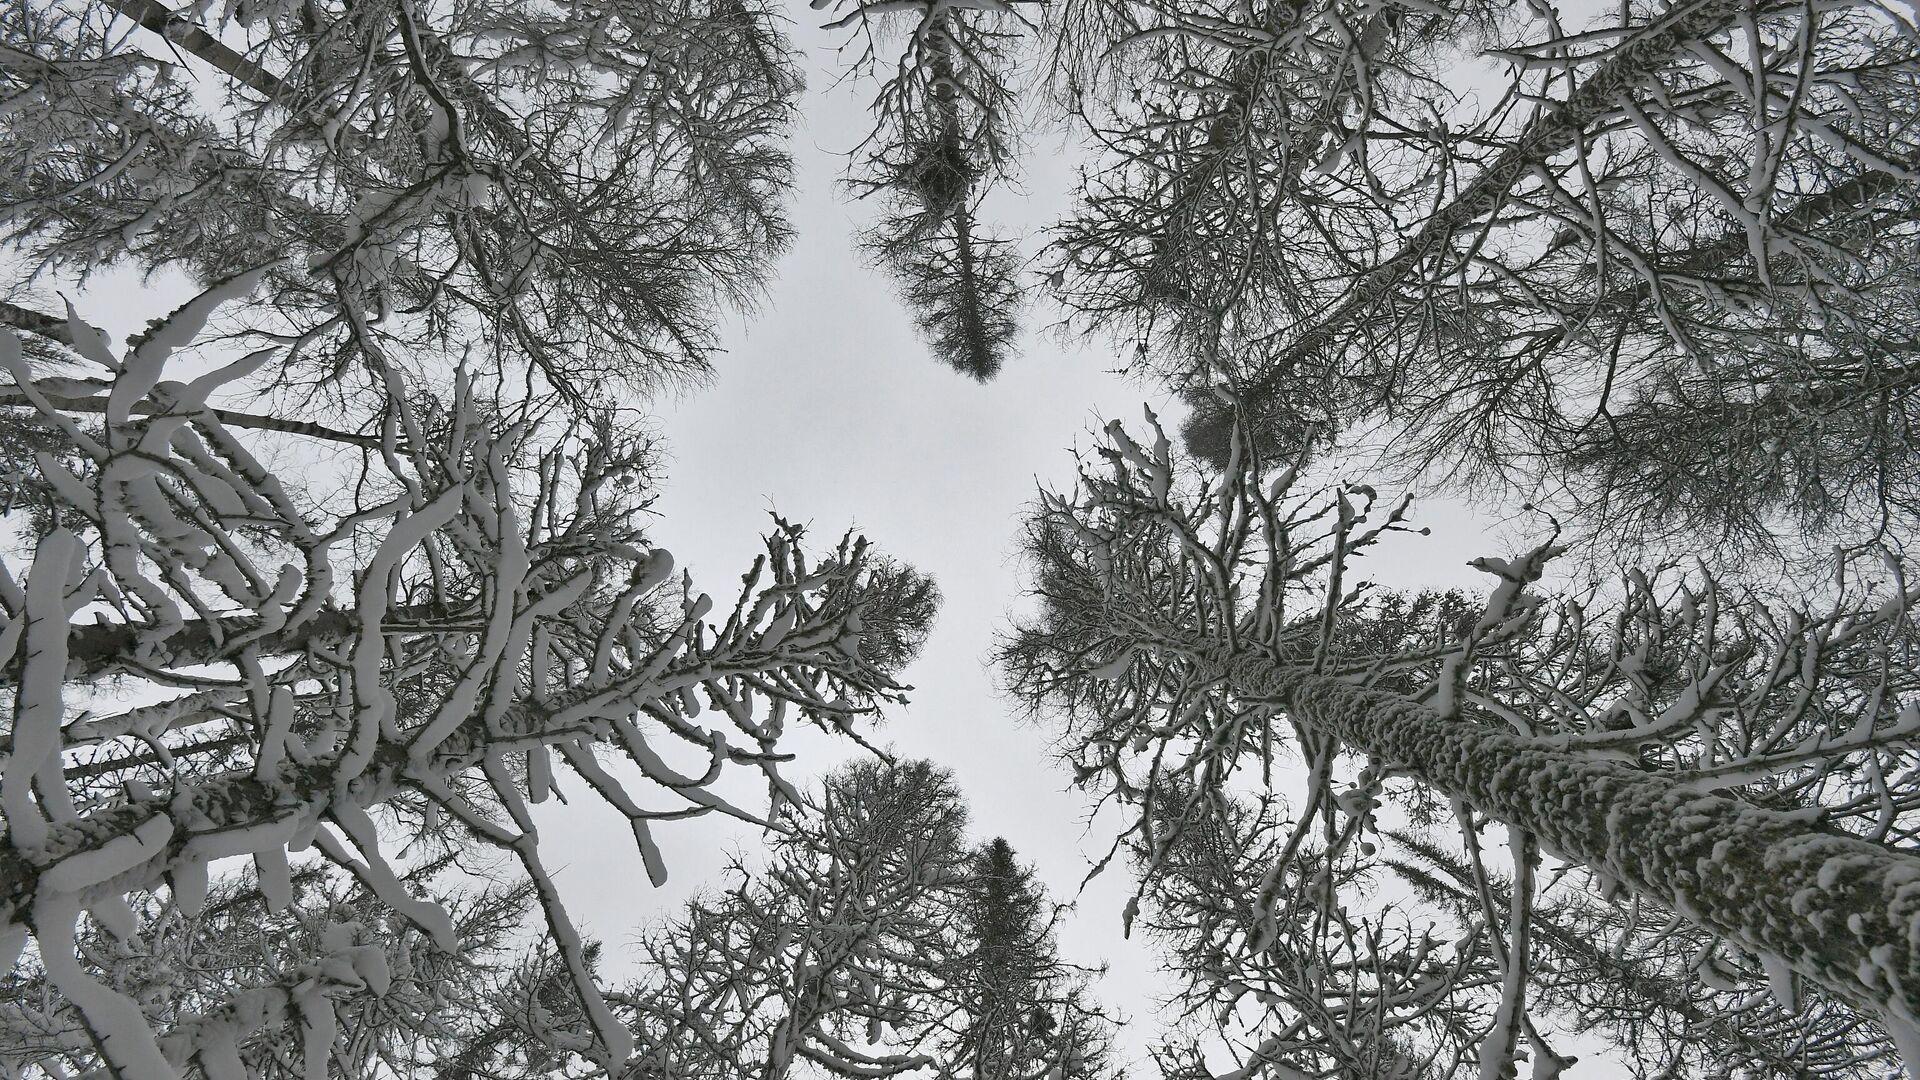 Заснеженные деревья в сибирской тайге - РИА Новости, 1920, 13.09.2020